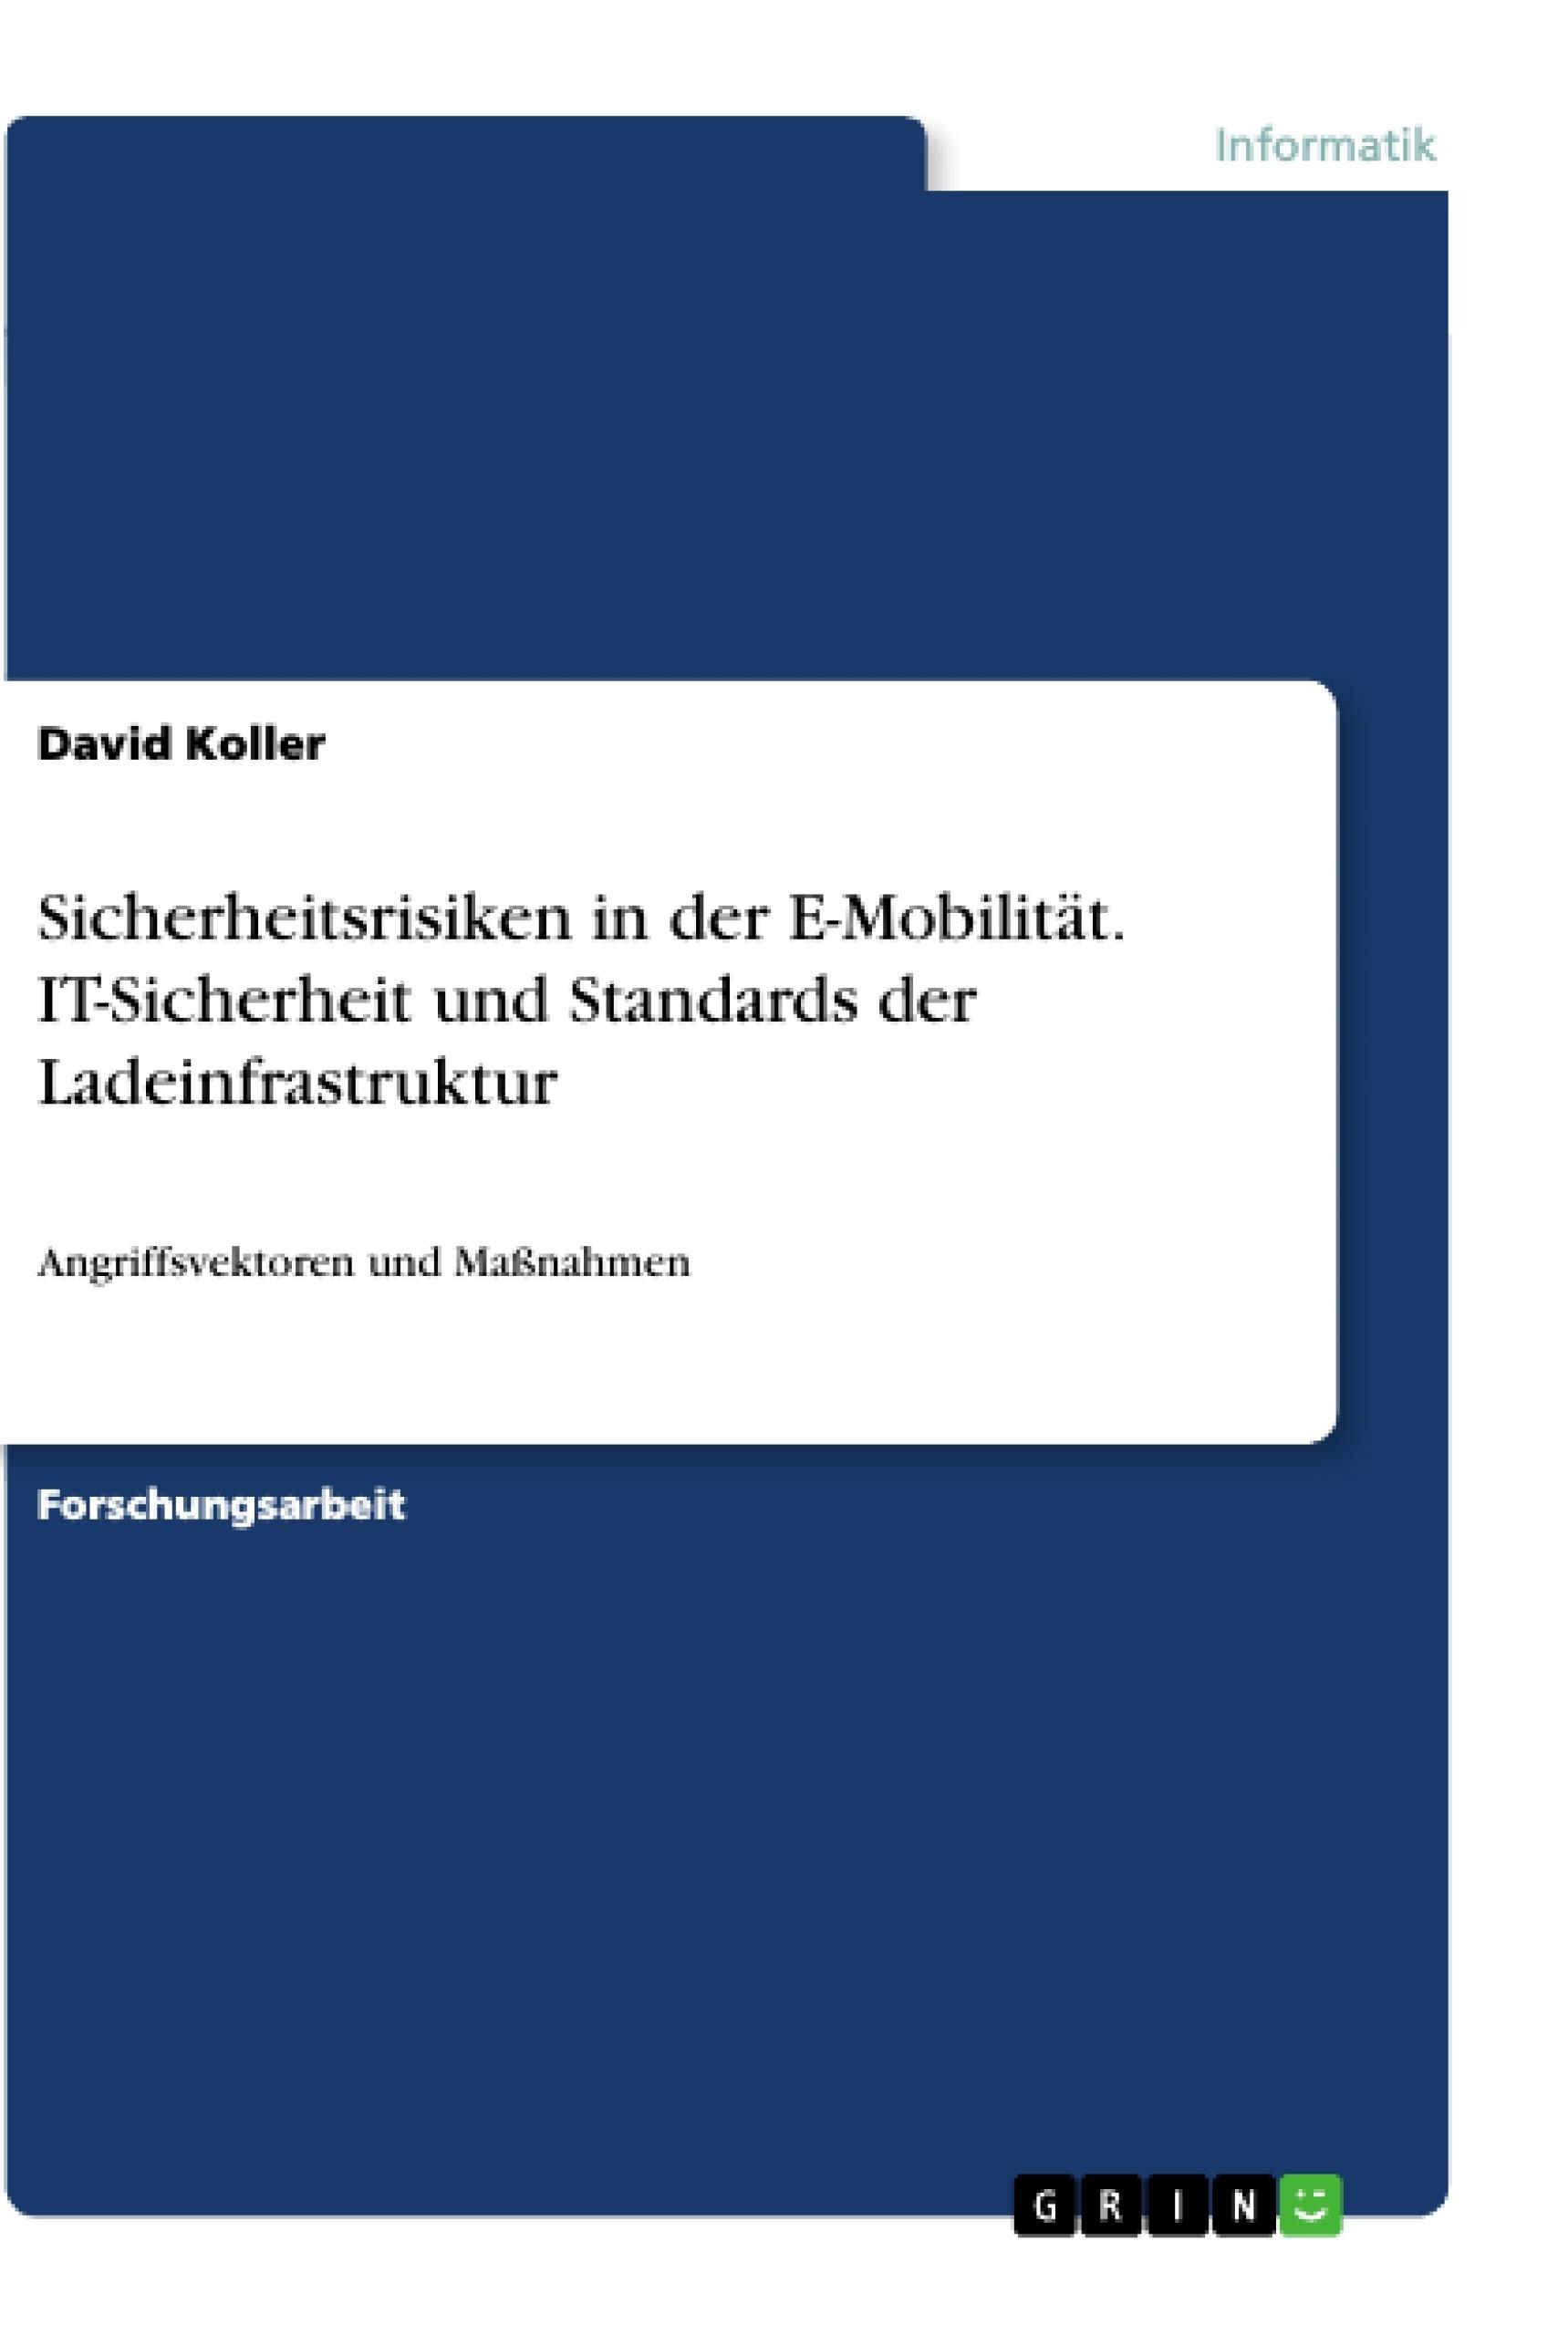 Titel: Sicherheitsrisiken in der E-Mobilität. IT-Sicherheit und Standards der Ladeinfrastruktur